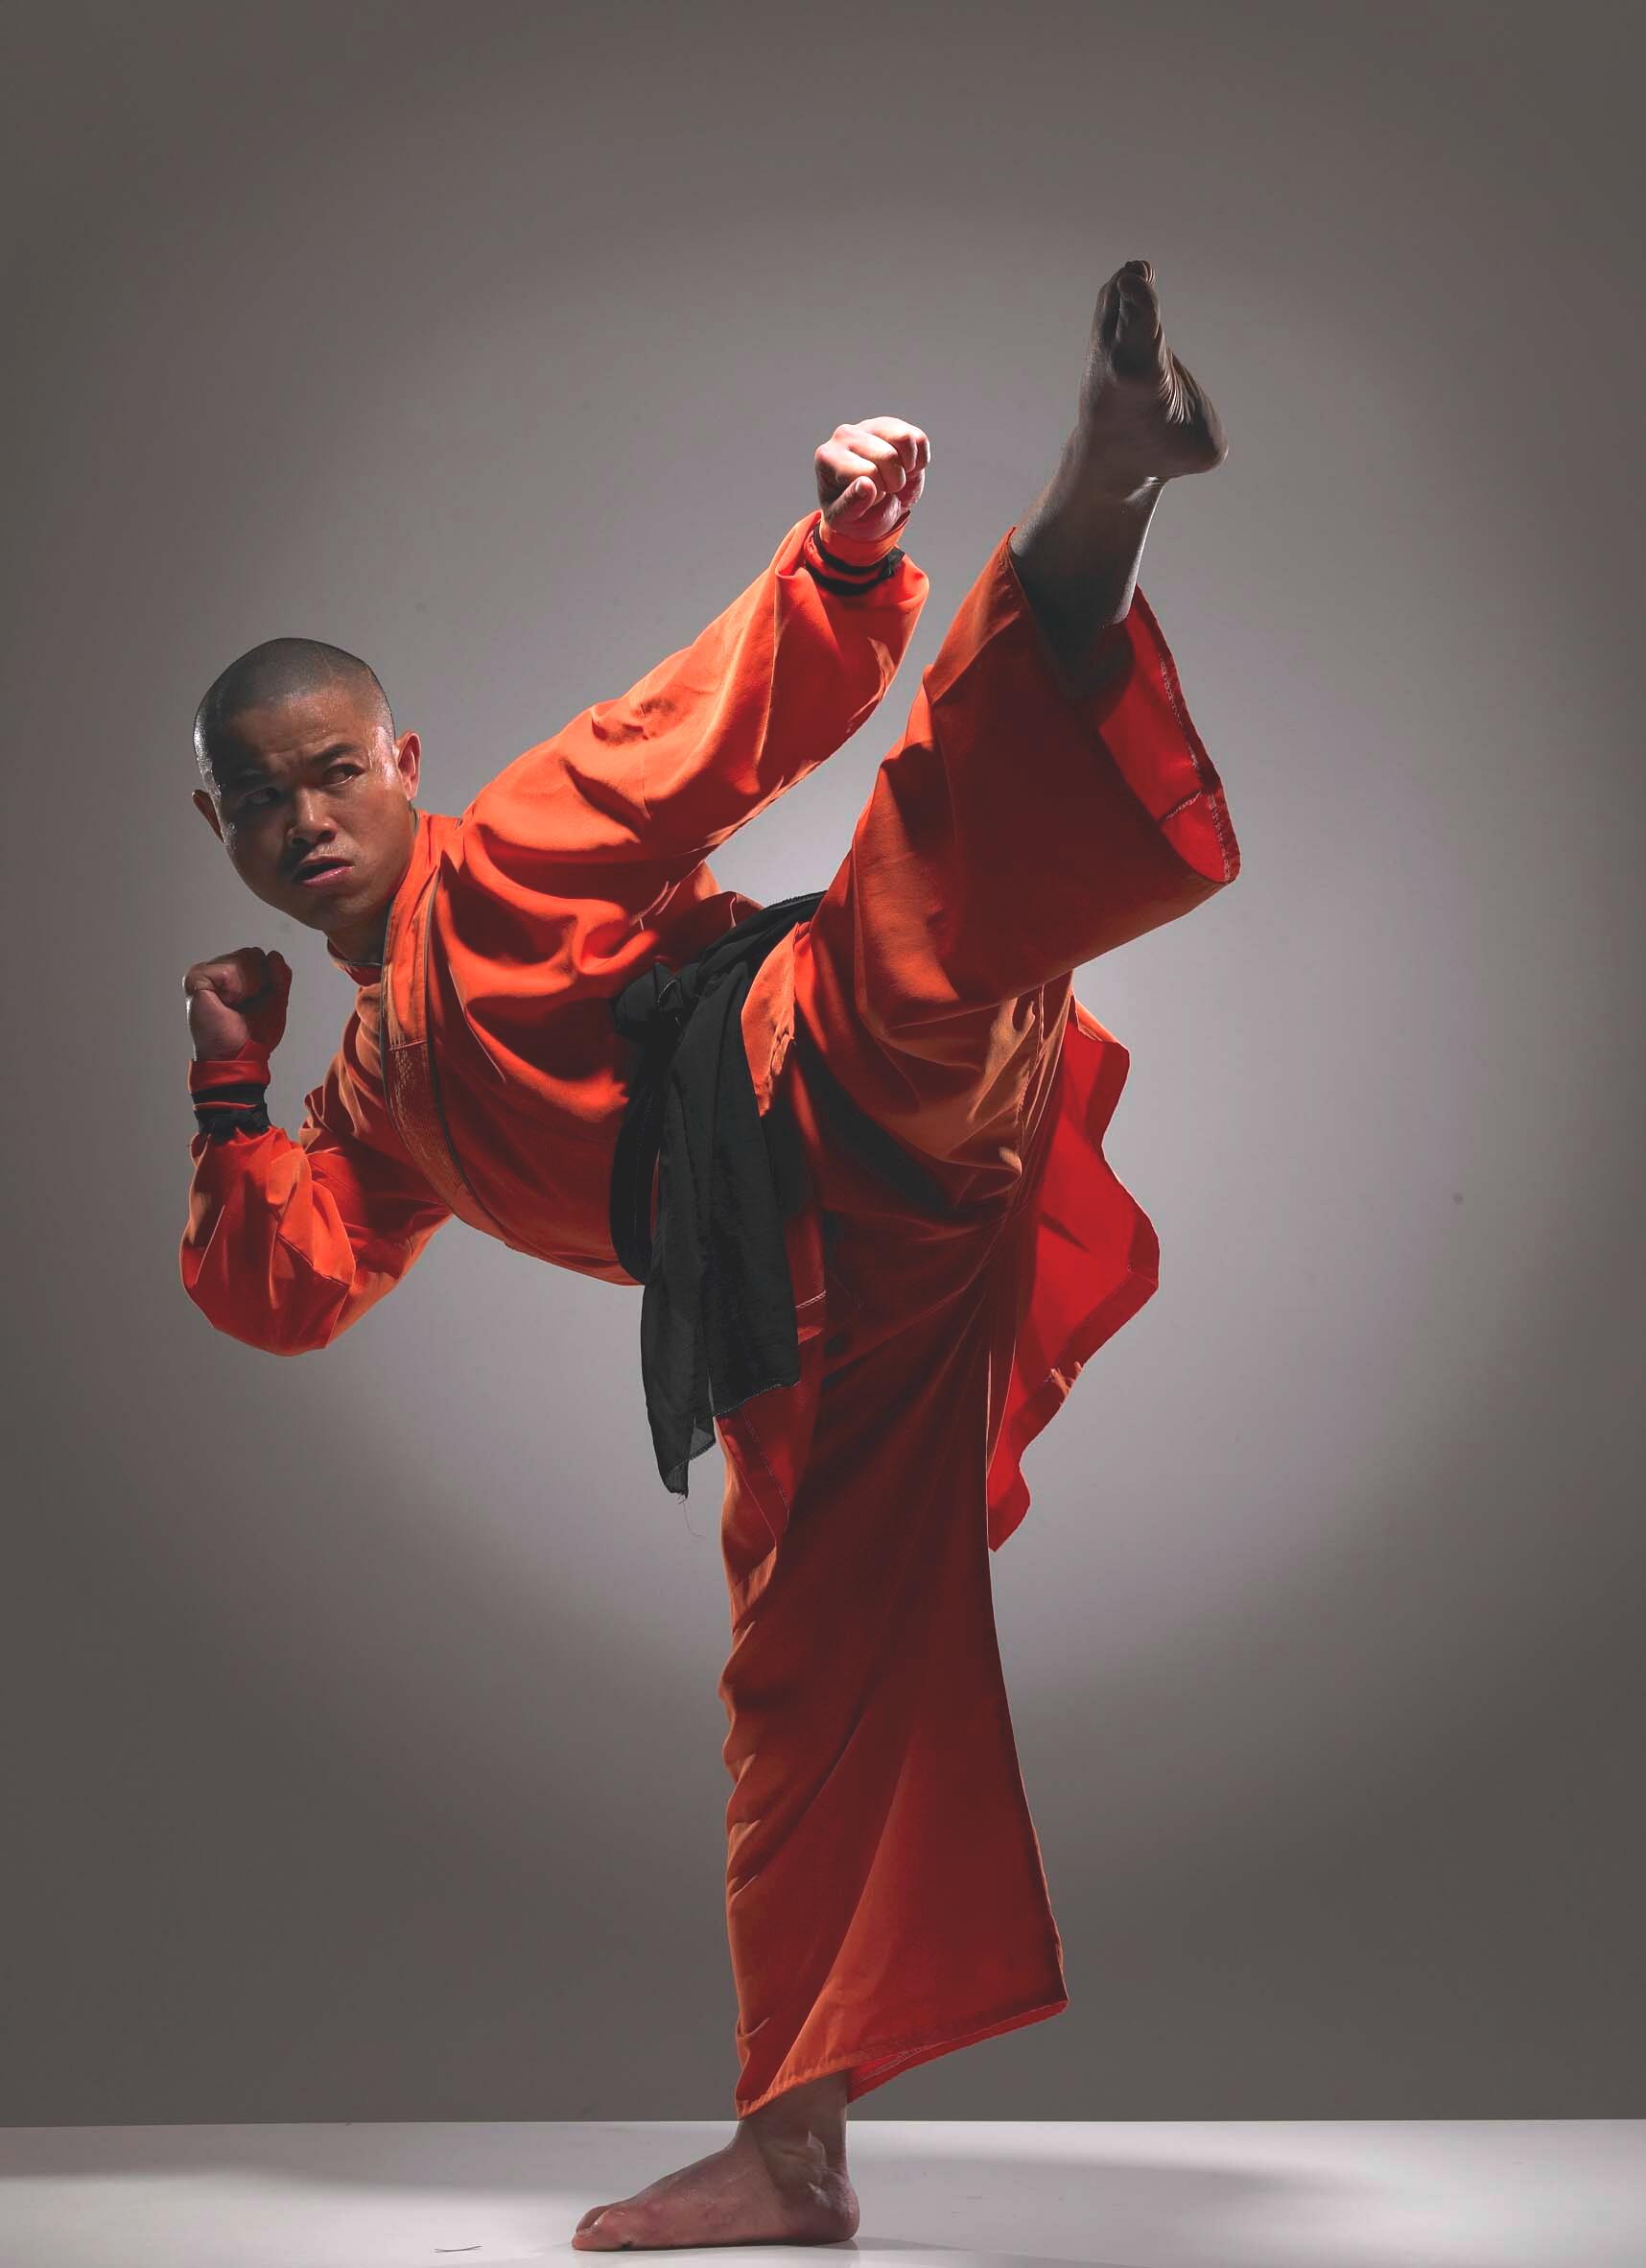 22 martial arts hd - photo #30